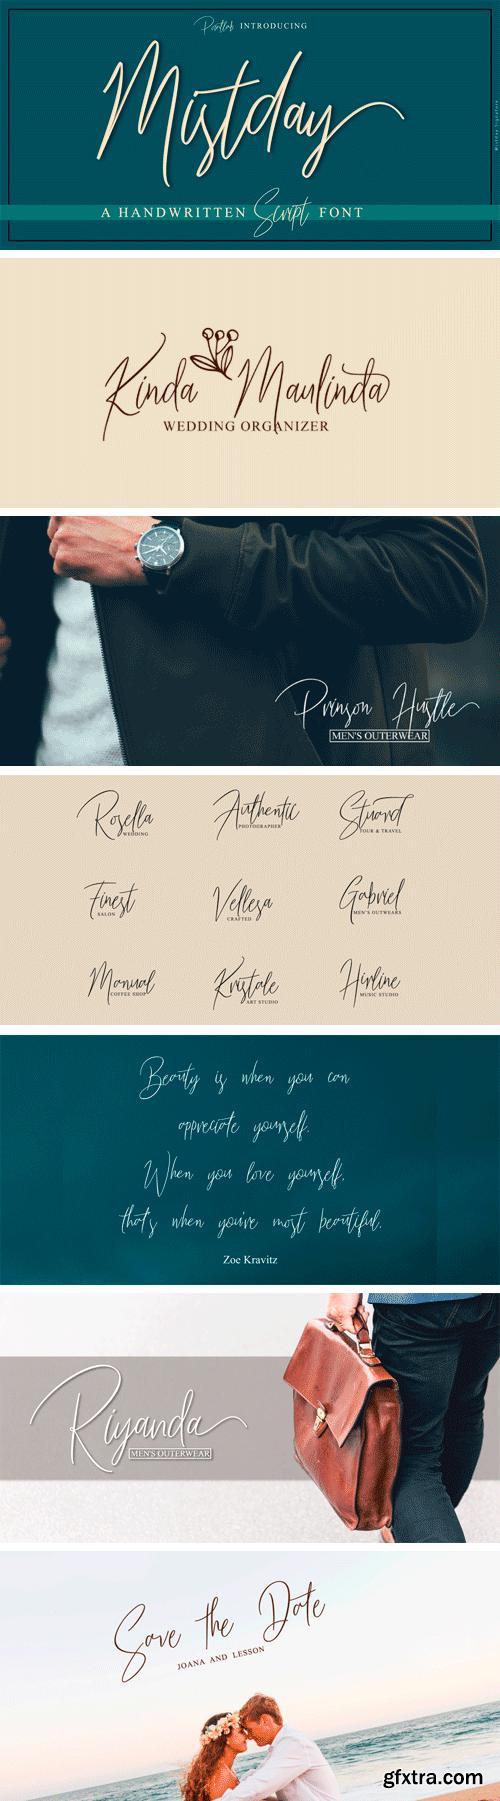 Mistday Script Font